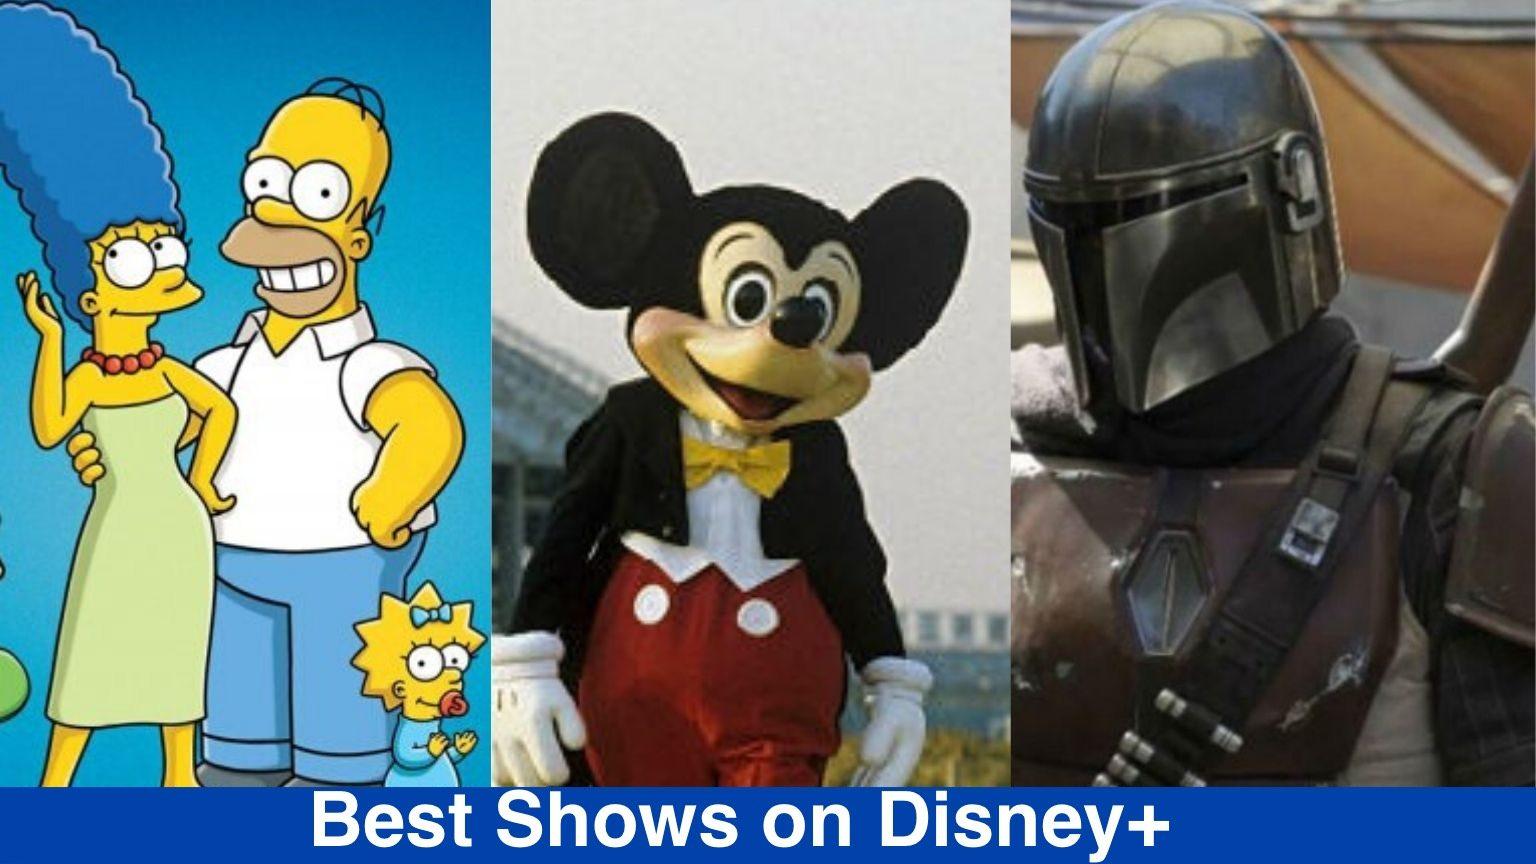 Best Disney shows